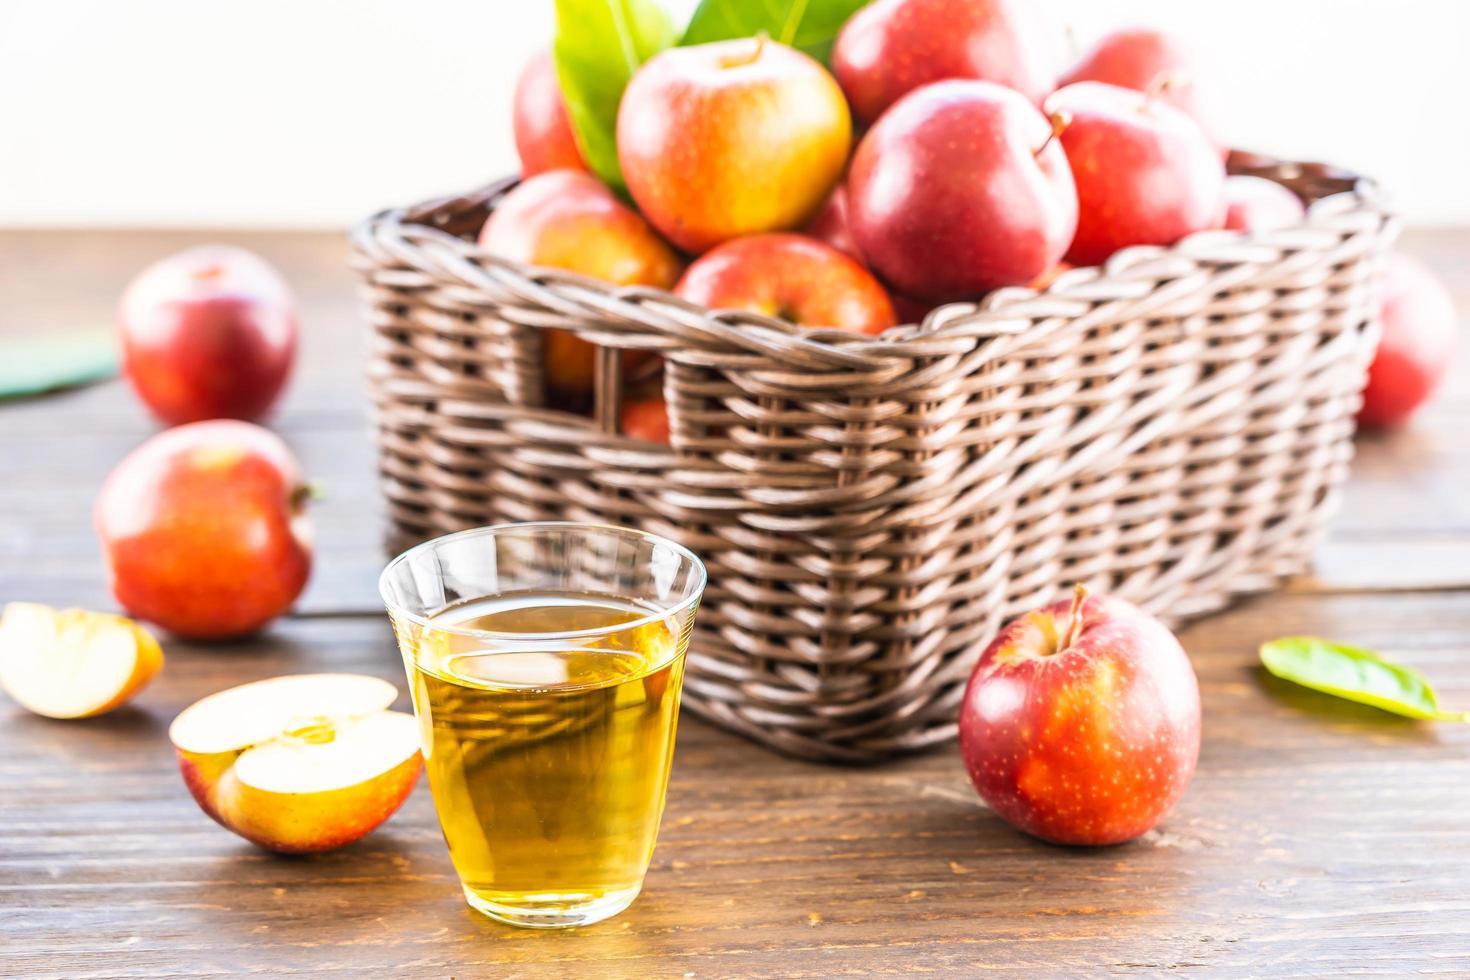 jugo de manzana en vaso y manzanas en la canasta foto